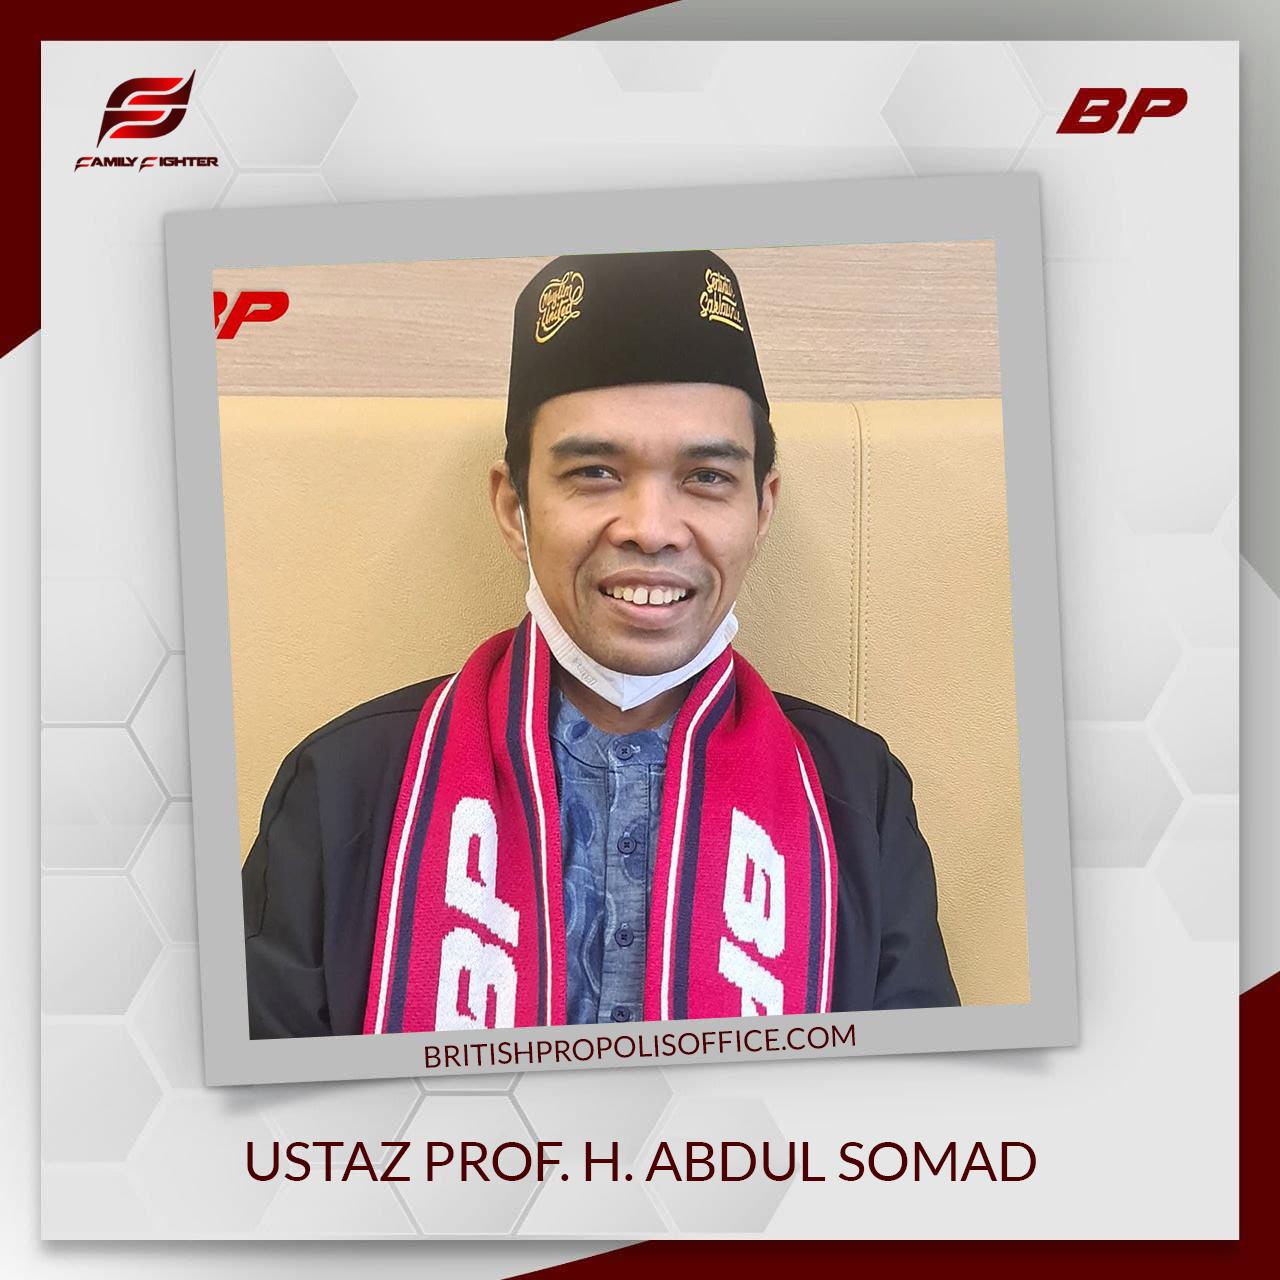 Ustaz Prof. H. Abdul Somad British propolis